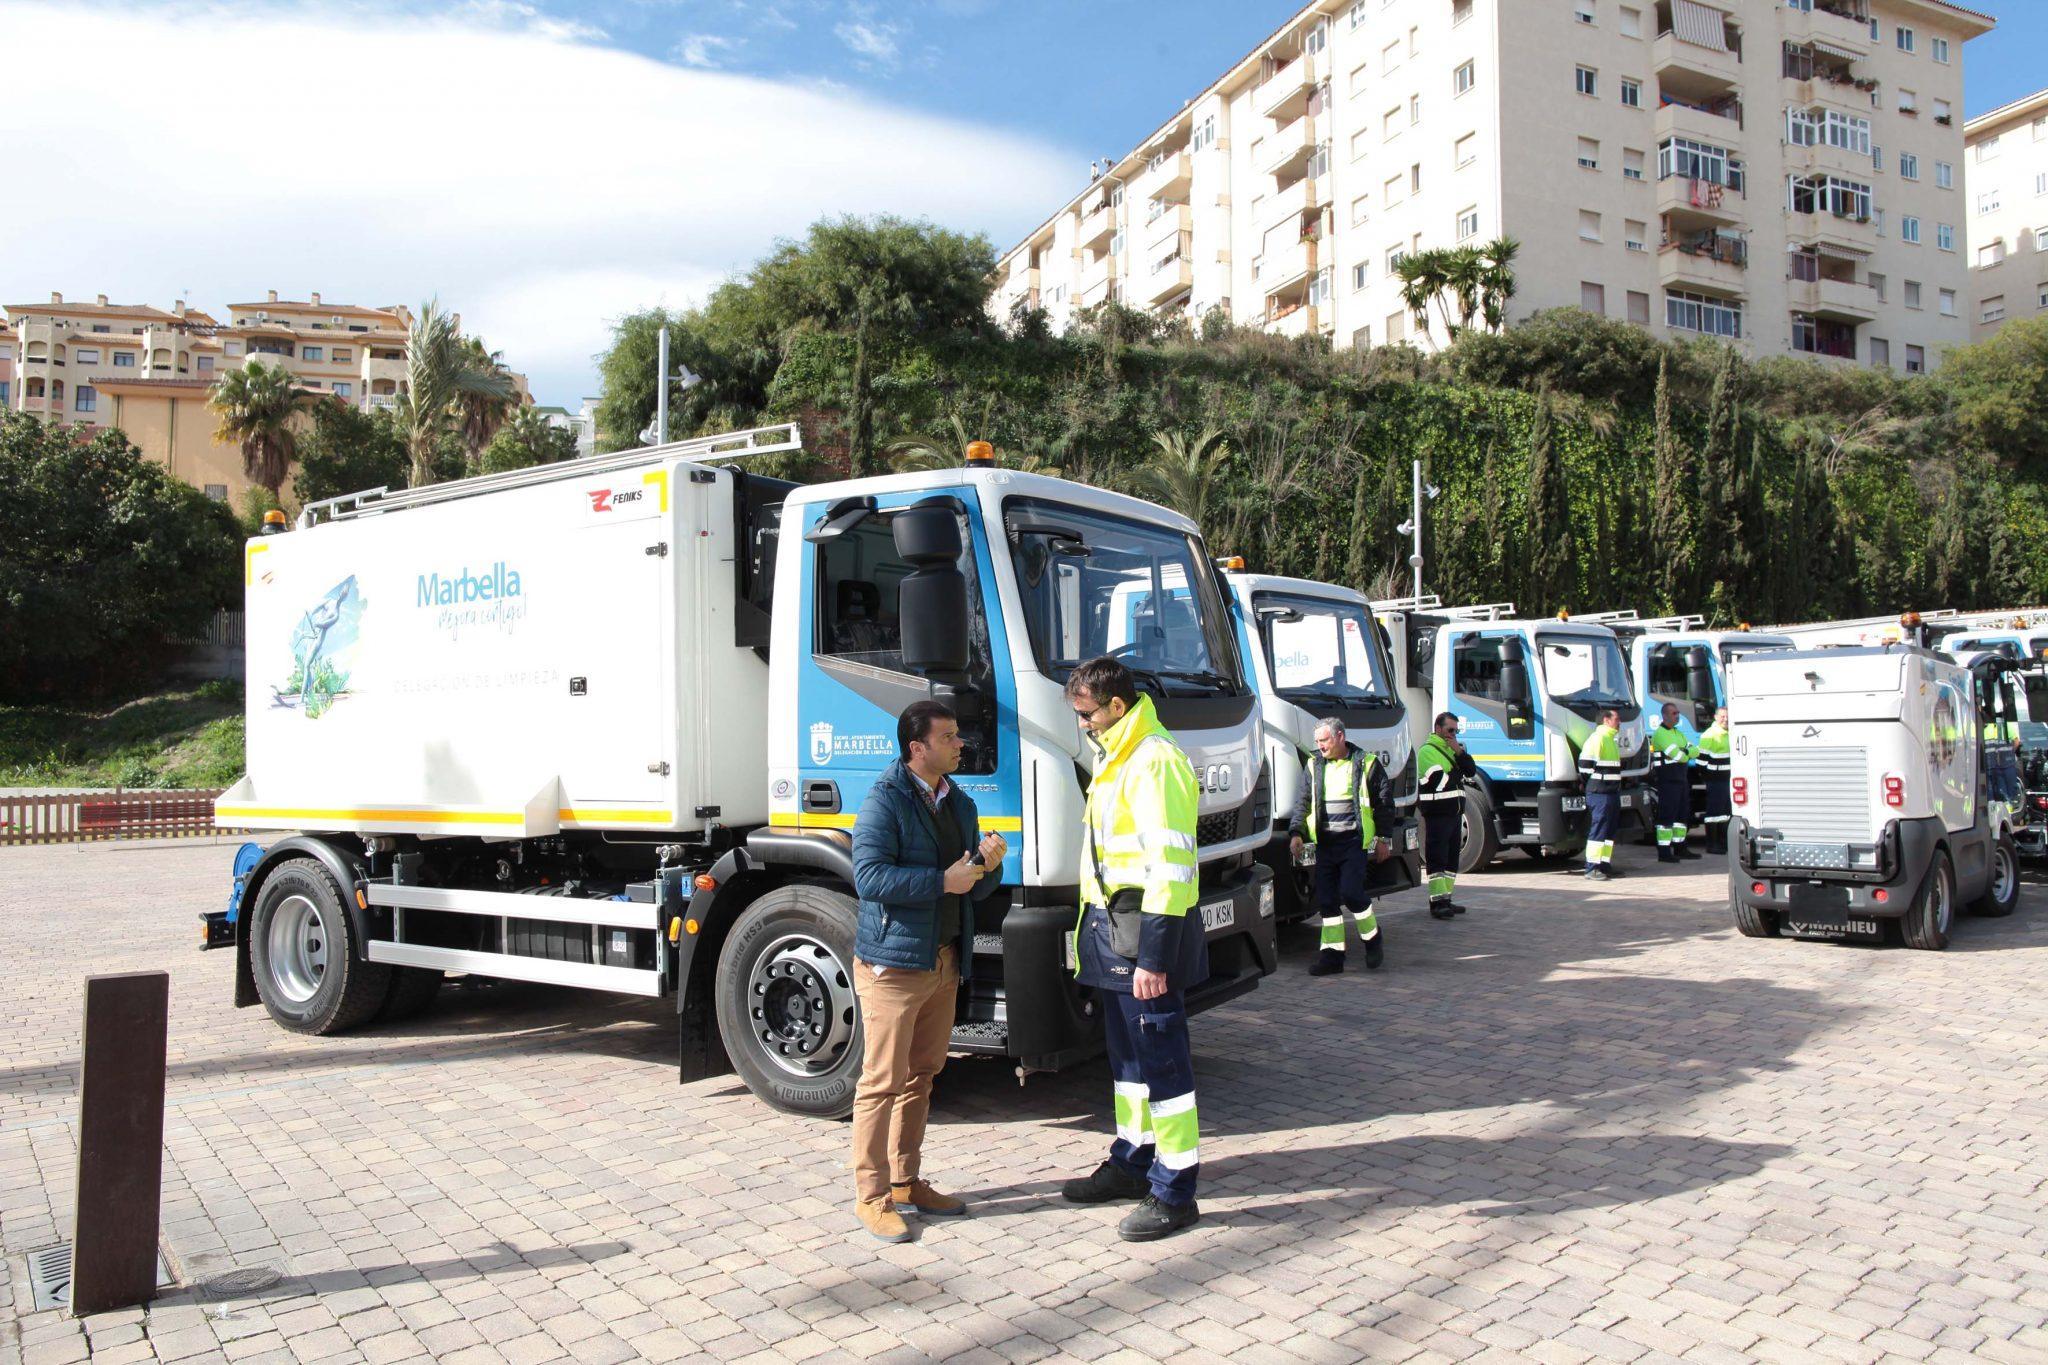 Limpieza incorpora a su flota nueve vehículos de baldeo